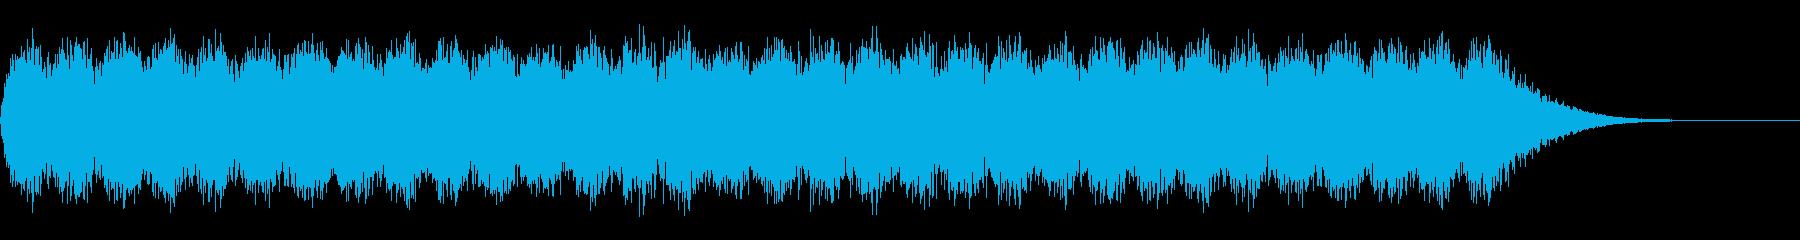 警報 6の再生済みの波形